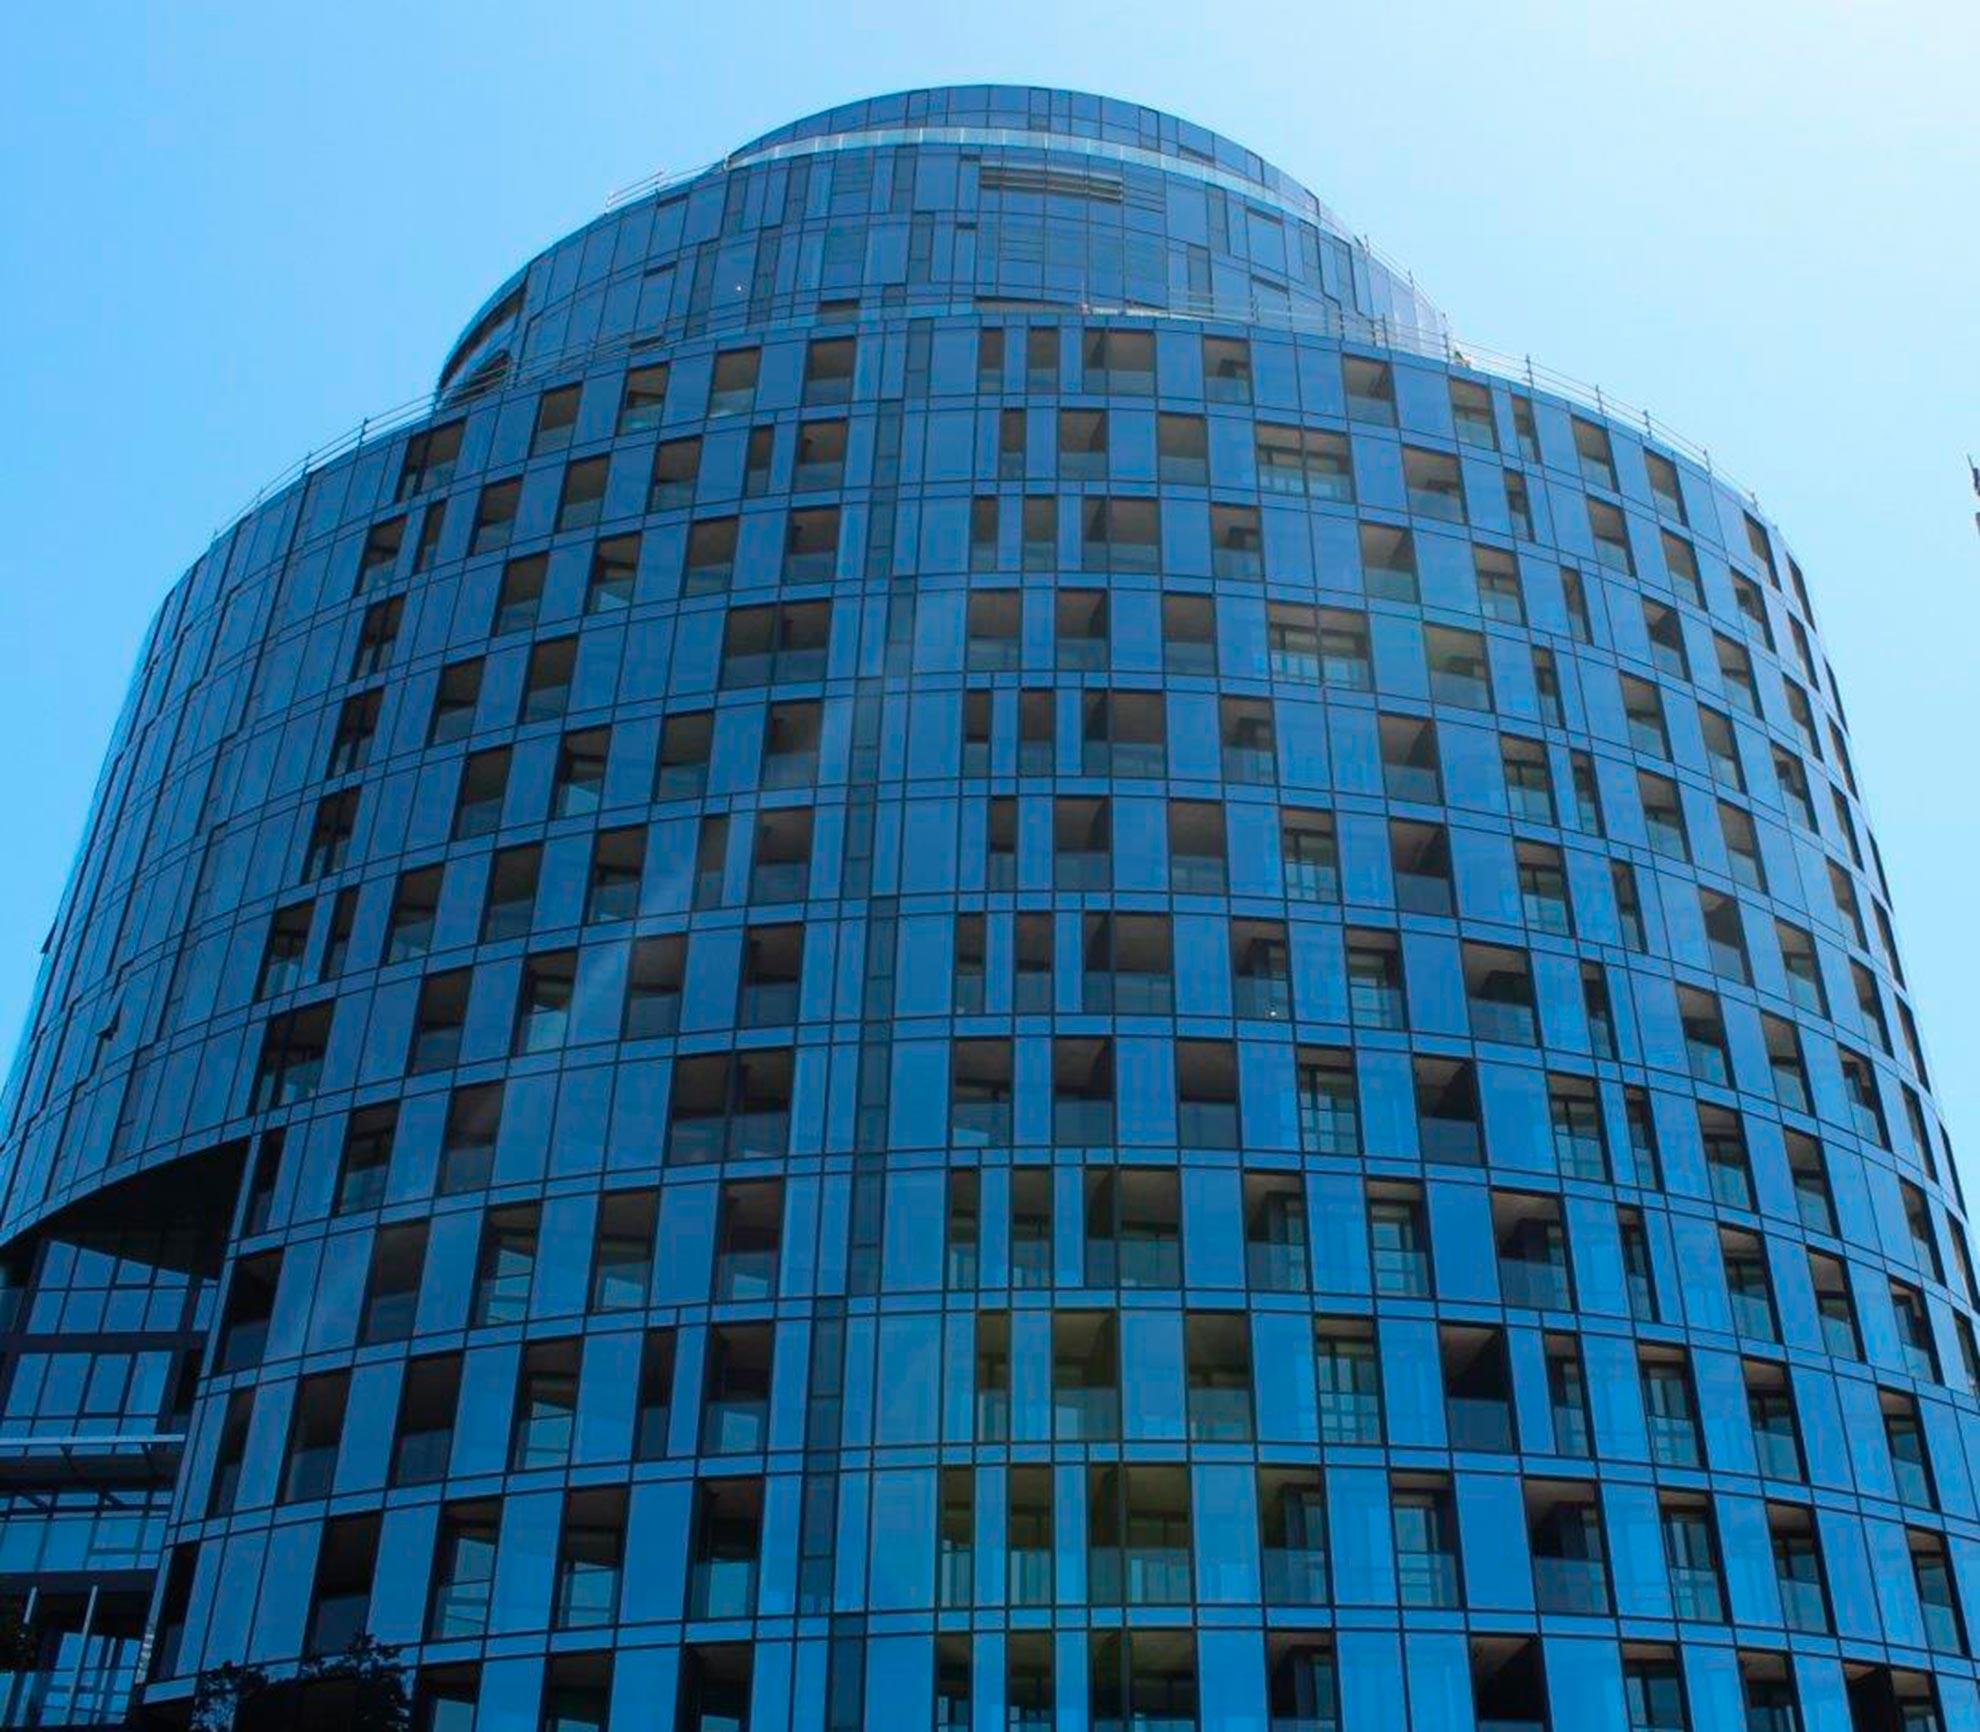 Parque-Apartments-2_1593090201.jpg